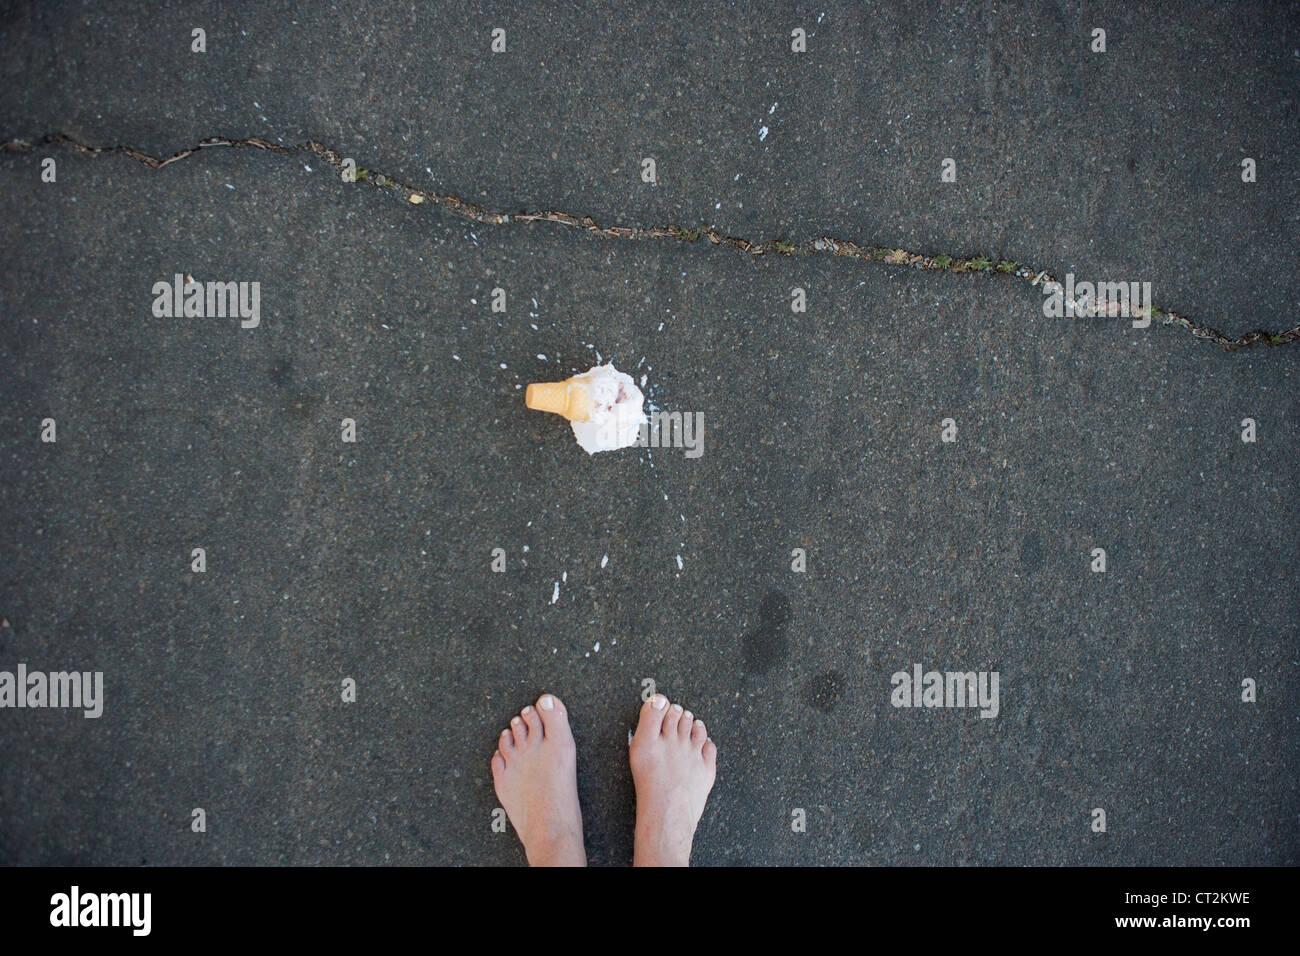 La plante des pieds avec ice cream cone a chuté sur la chaussée. Photo Stock